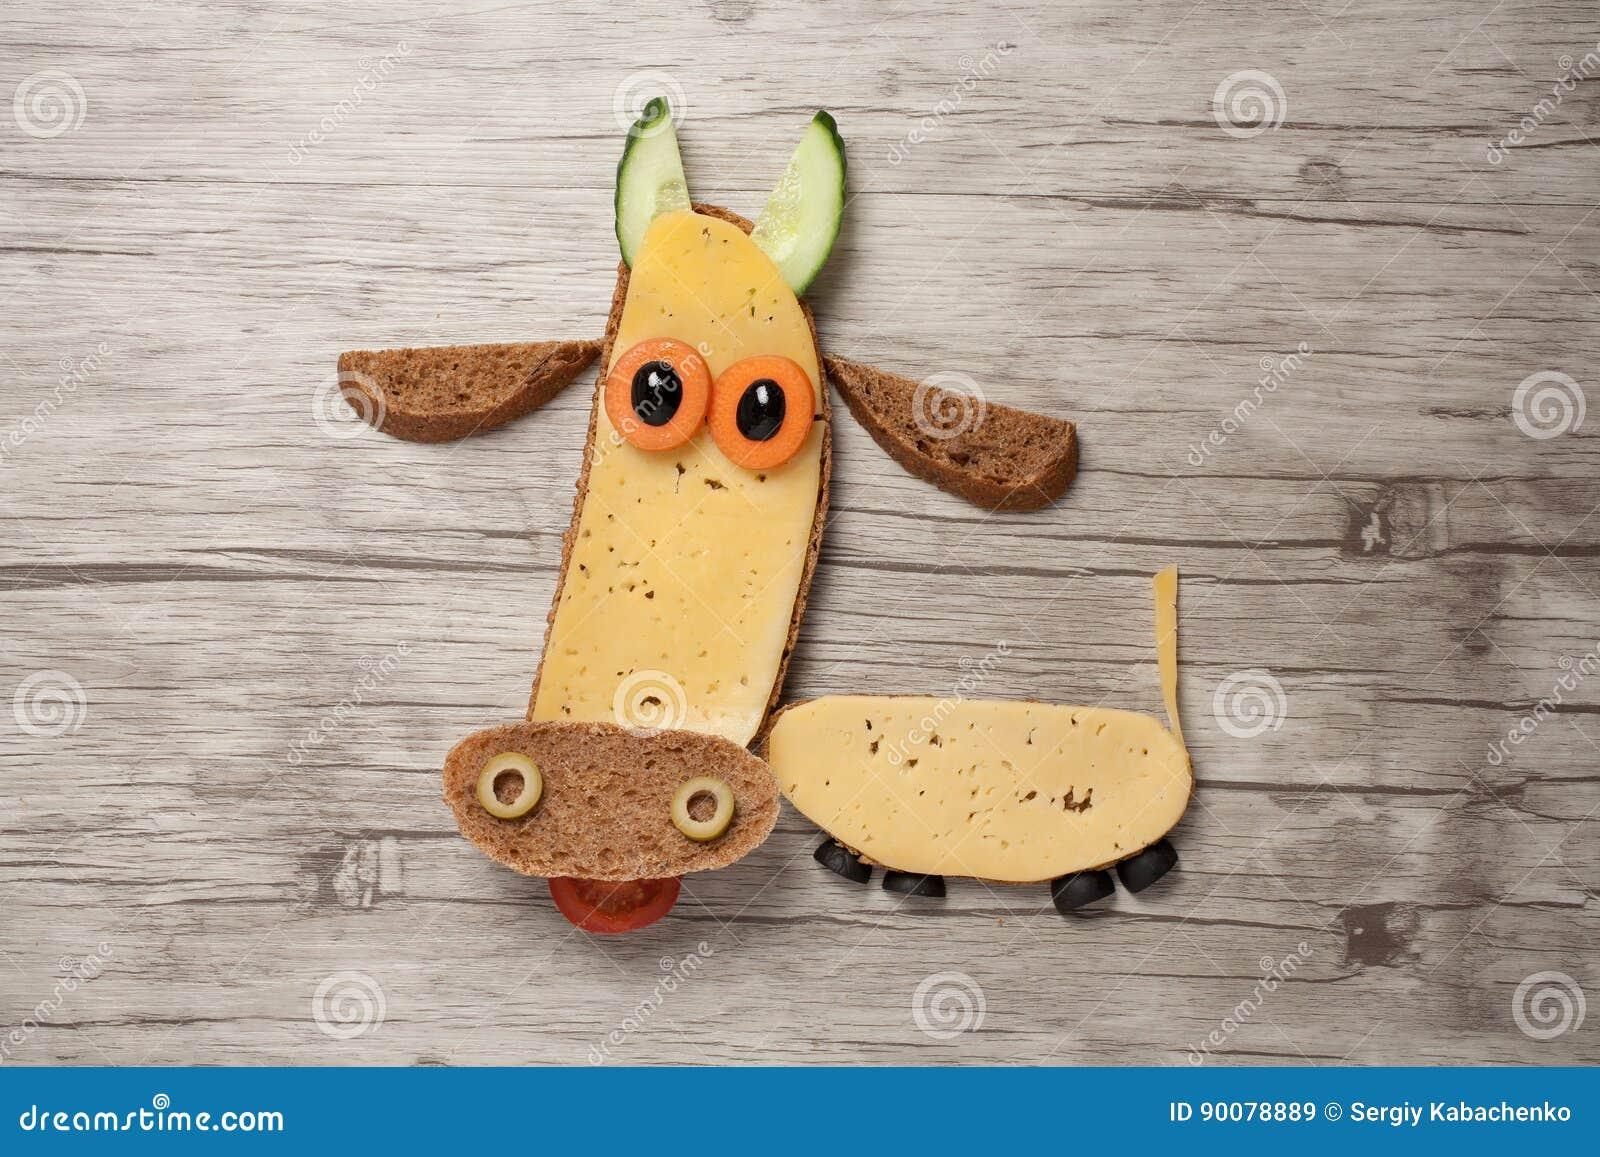 Vache drôle faite de pain noir et fromage à bord image stock image